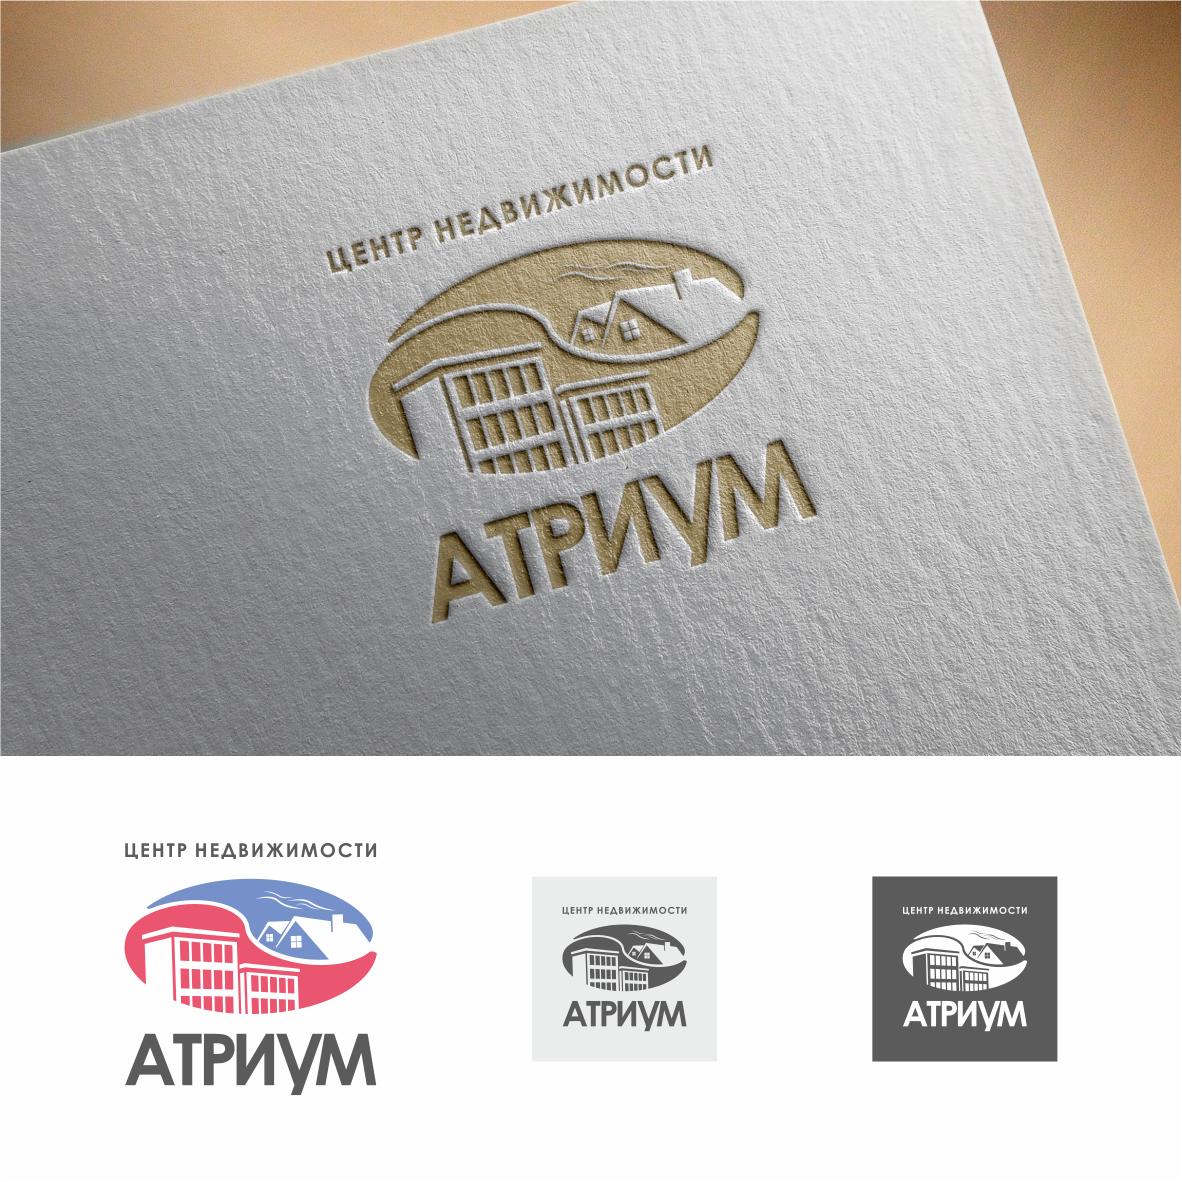 Редизайн / модернизация логотипа Центра недвижимости фото f_4375bc0baf9c7ab8.png